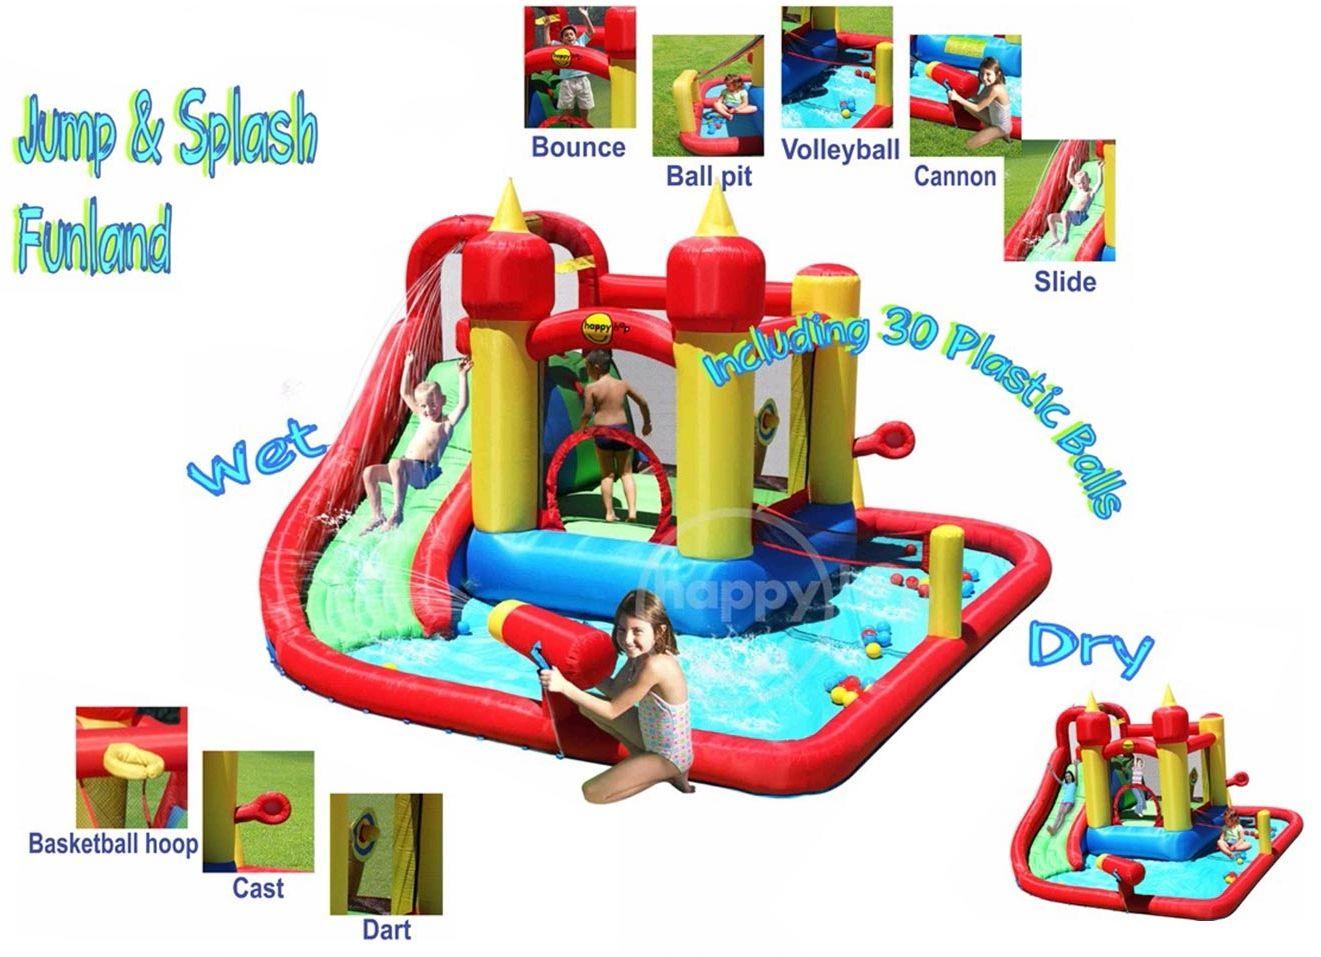 Dmuchany basen ze zjeżdżalnią i armatką - HappyHop - Funland